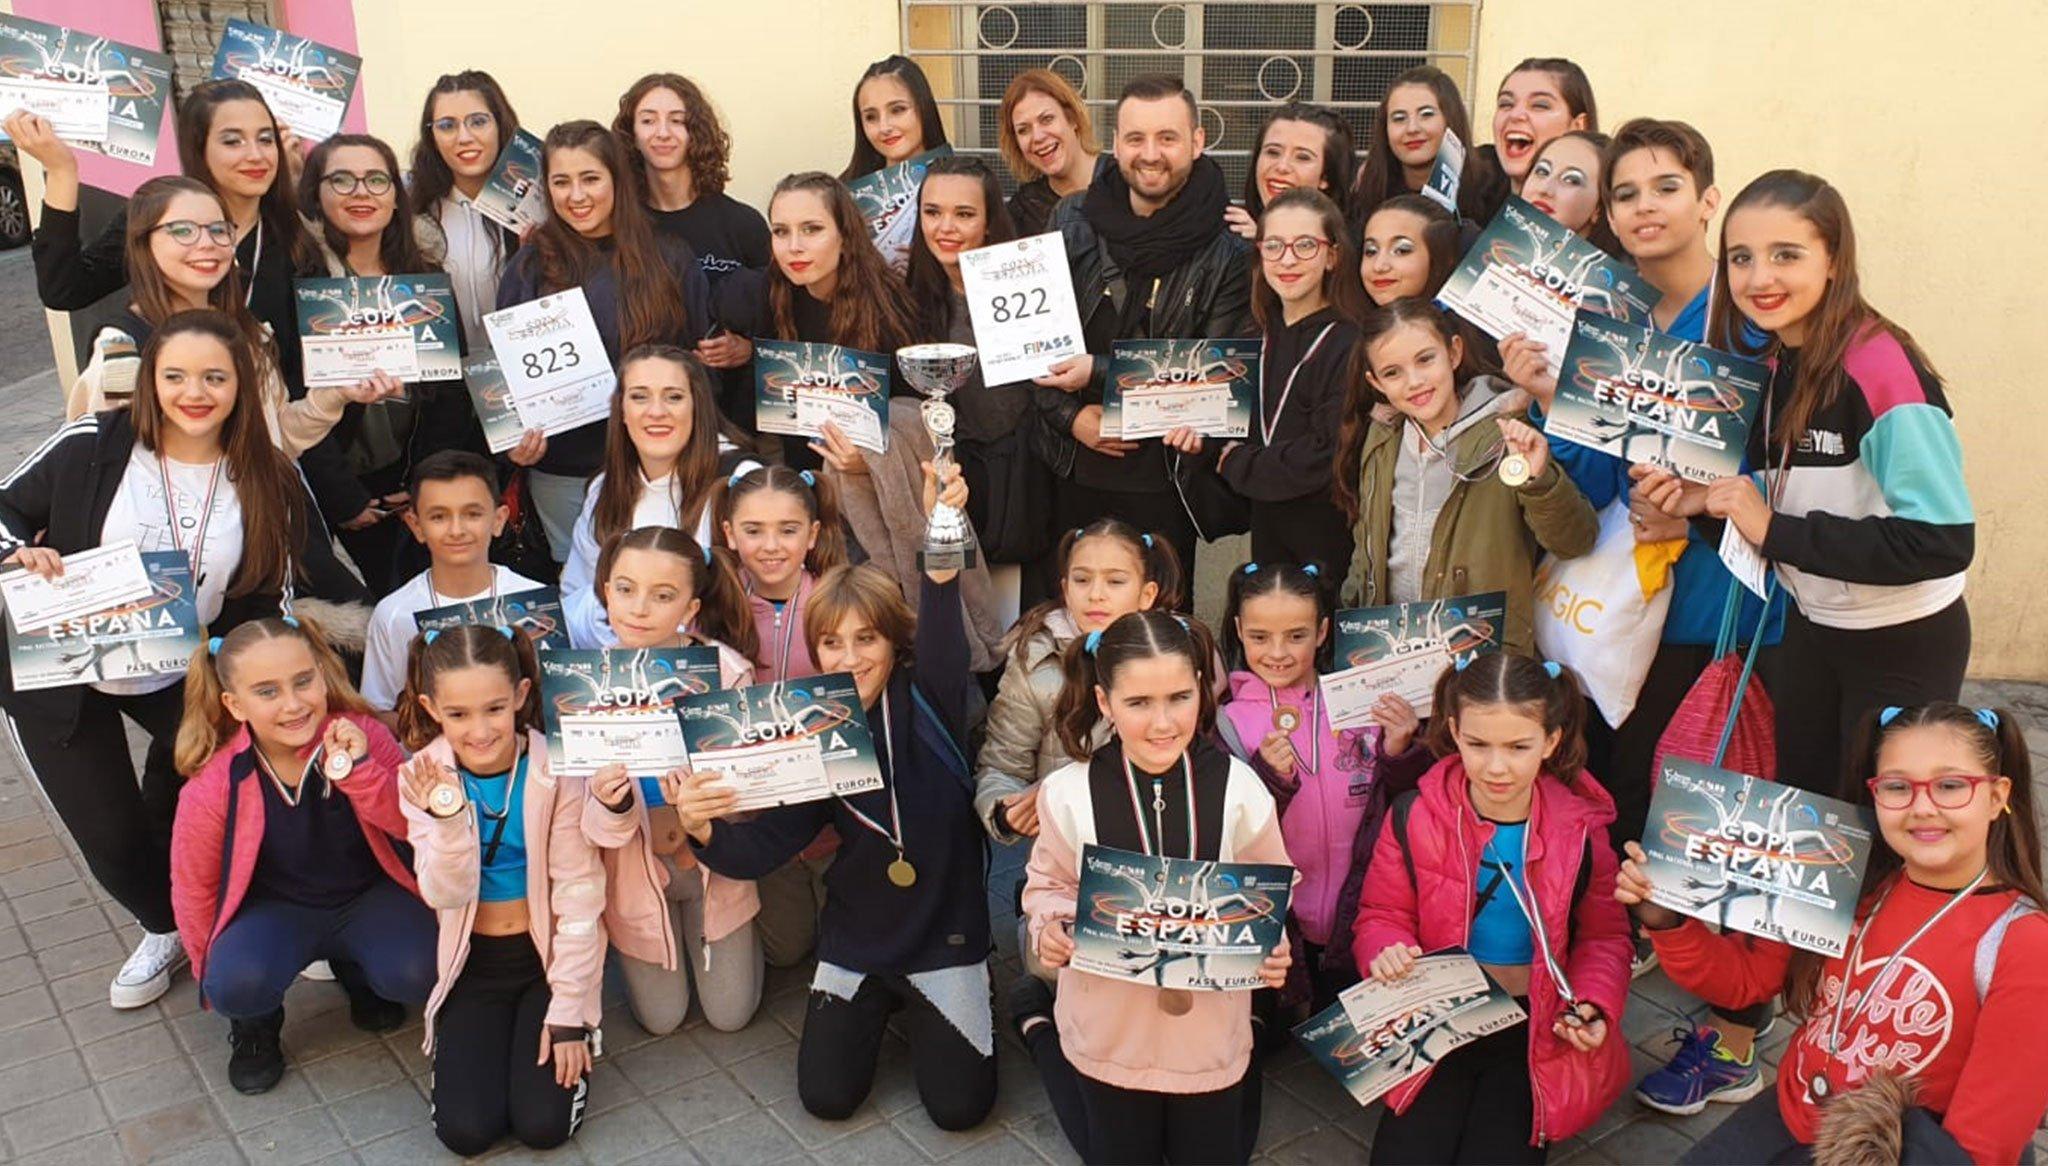 Éxito de la Dance Academy by Miguel Ángel Bolo de Centro Deportivo Dénia en el Campeonato de España